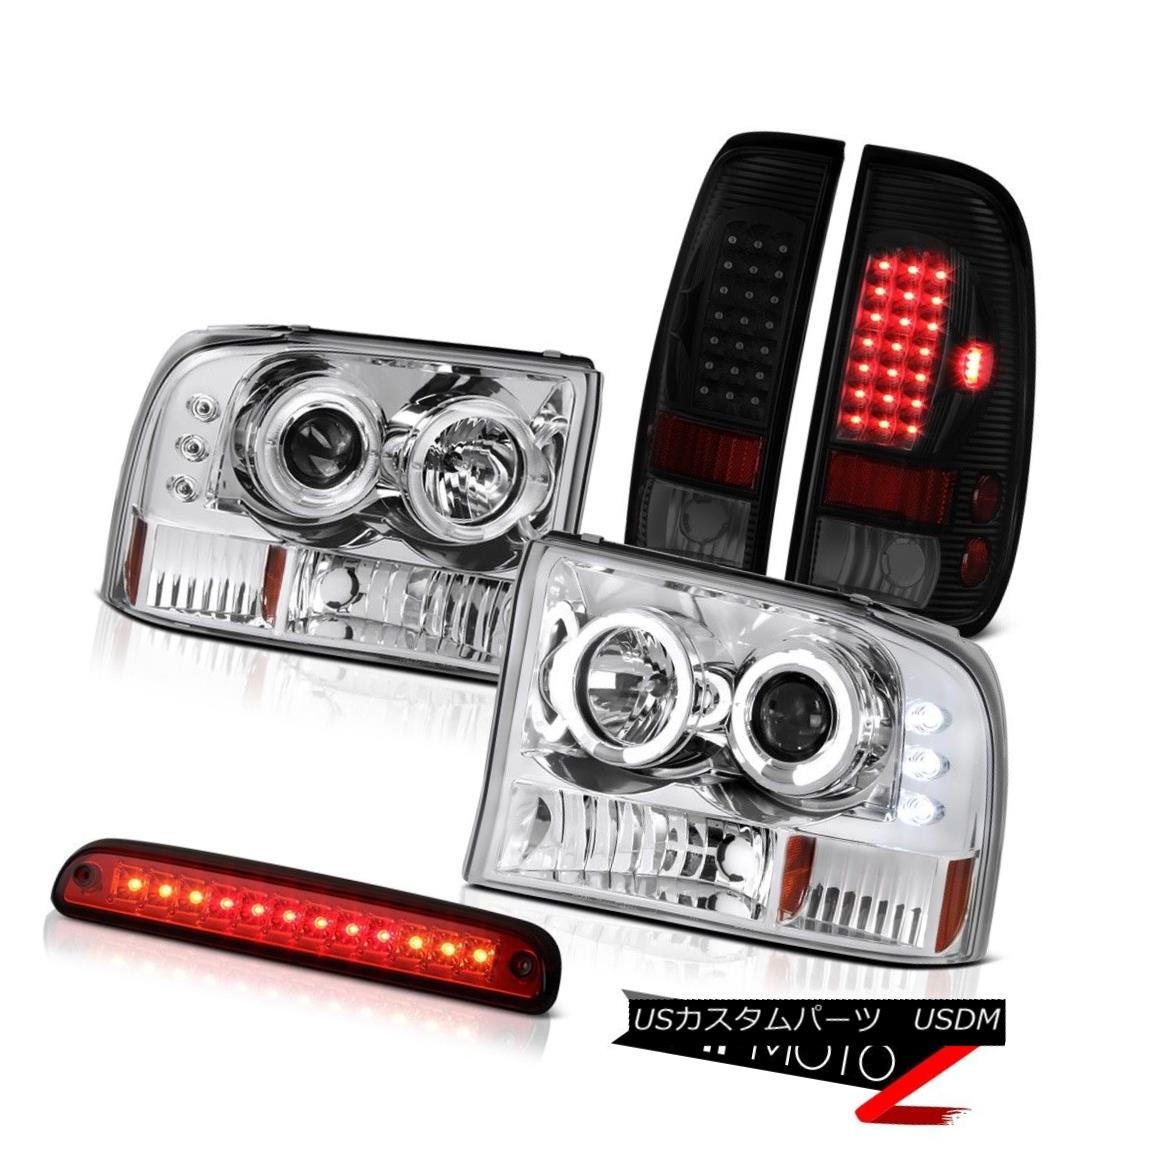 ヘッドライト 99-04 F350 Xlt Tail Brake Lights Chrome Projector Headlamps Red Clear 3RD Lamp 99-04 F350 Xltテールブレーキライトクロームプロジェクターヘッドランプレッドクリア3RDランプ